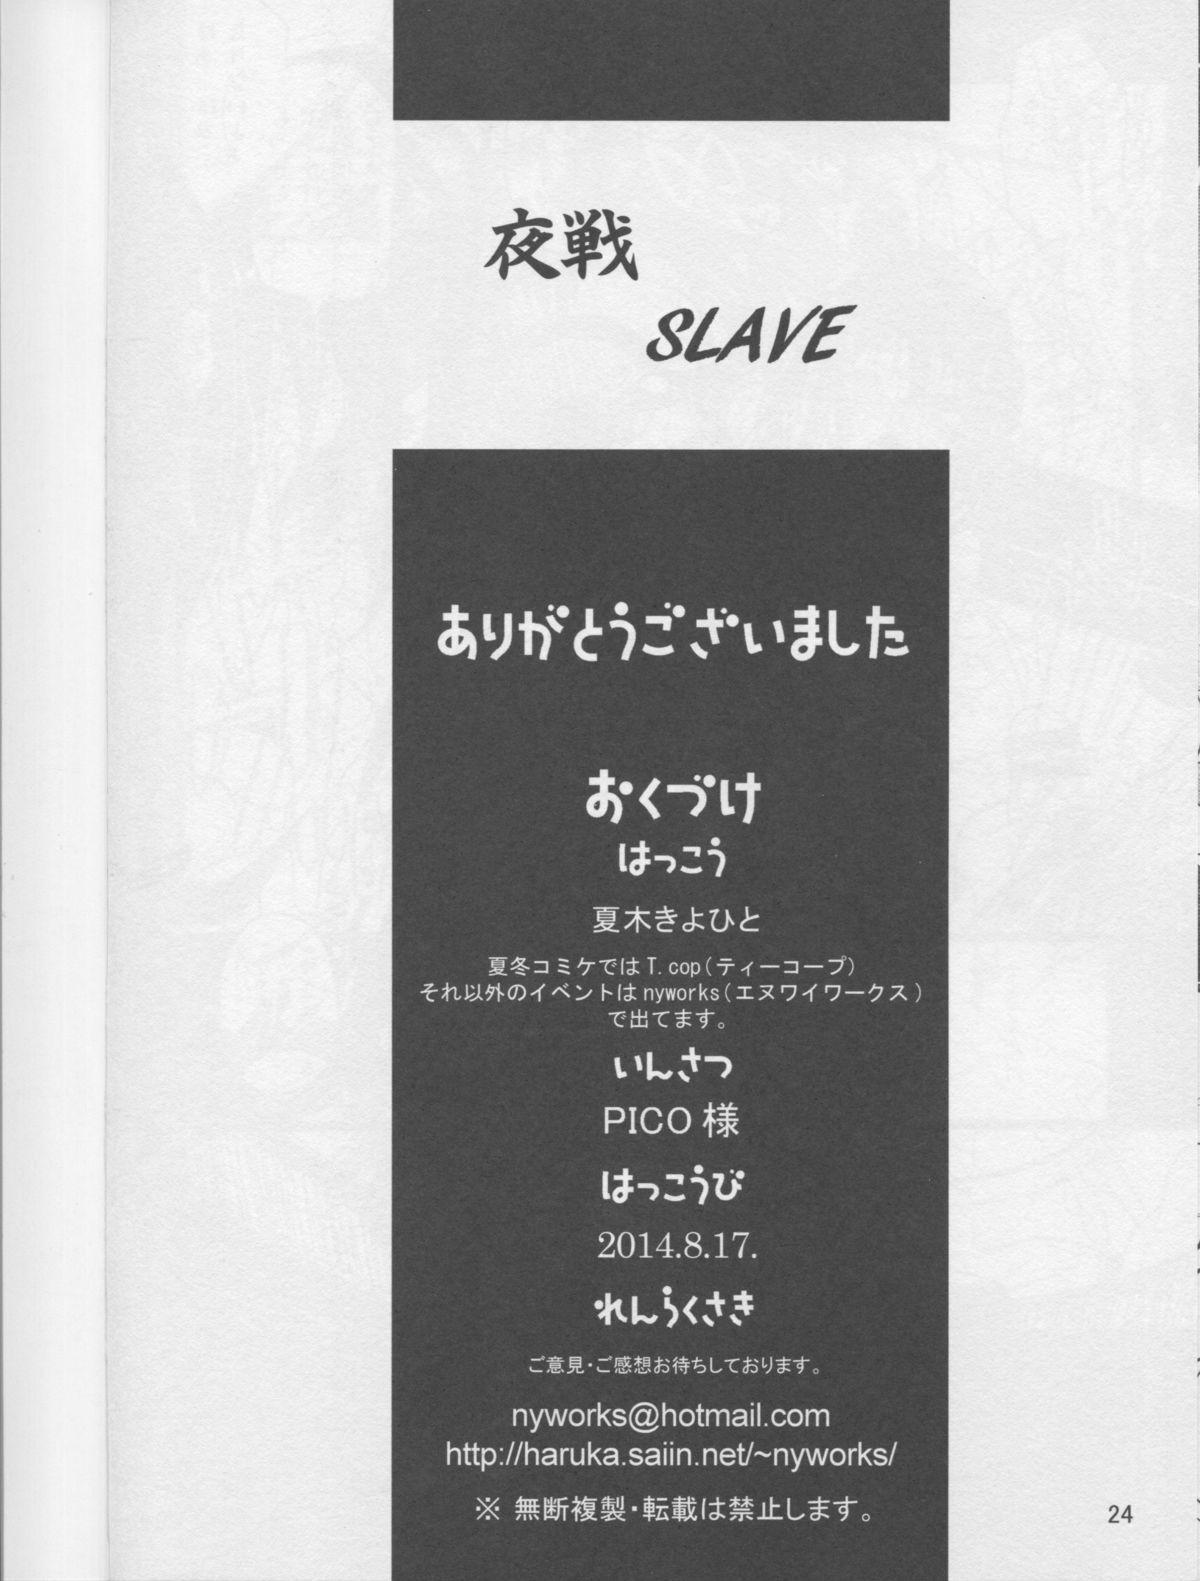 Yasen SLAVE 24